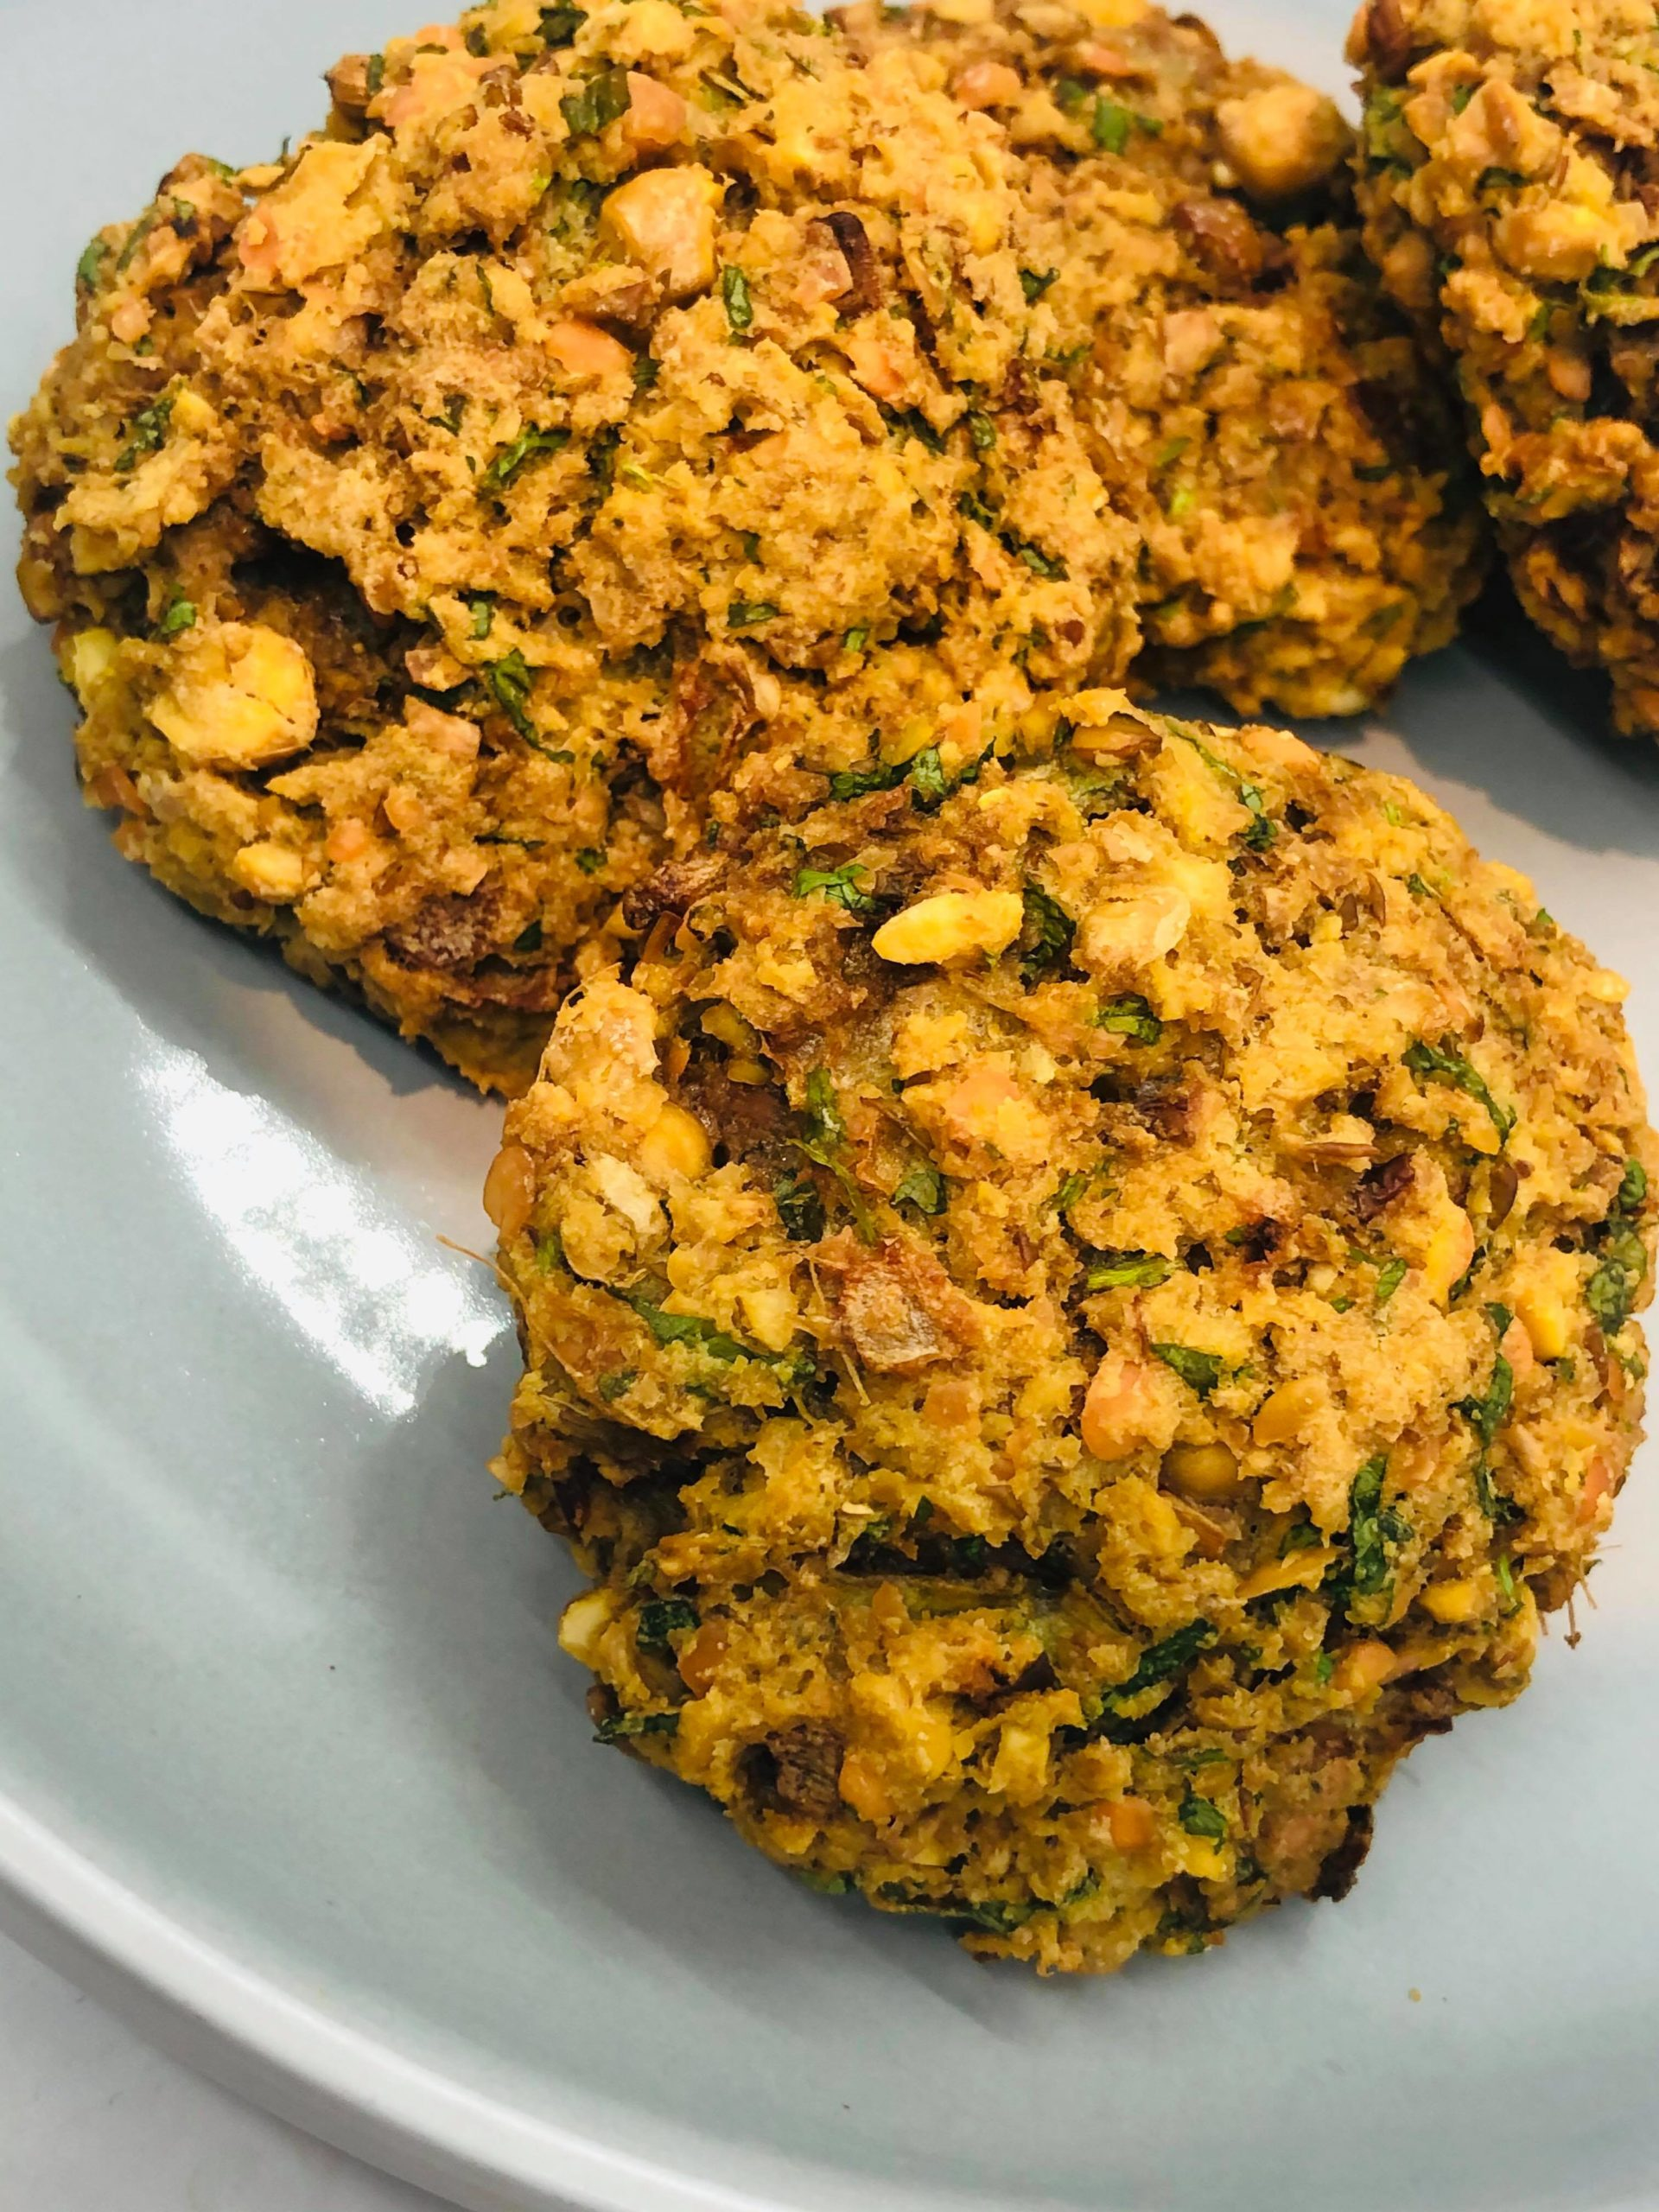 Easy Baked Vegan Gluten-Free Chickpea Cakes